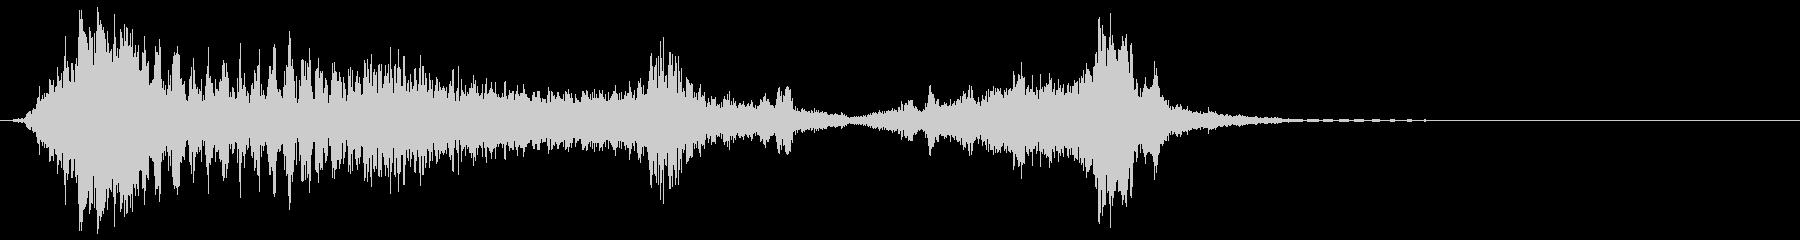 ロボットの声、モーフ、機械、ロボッ...の未再生の波形